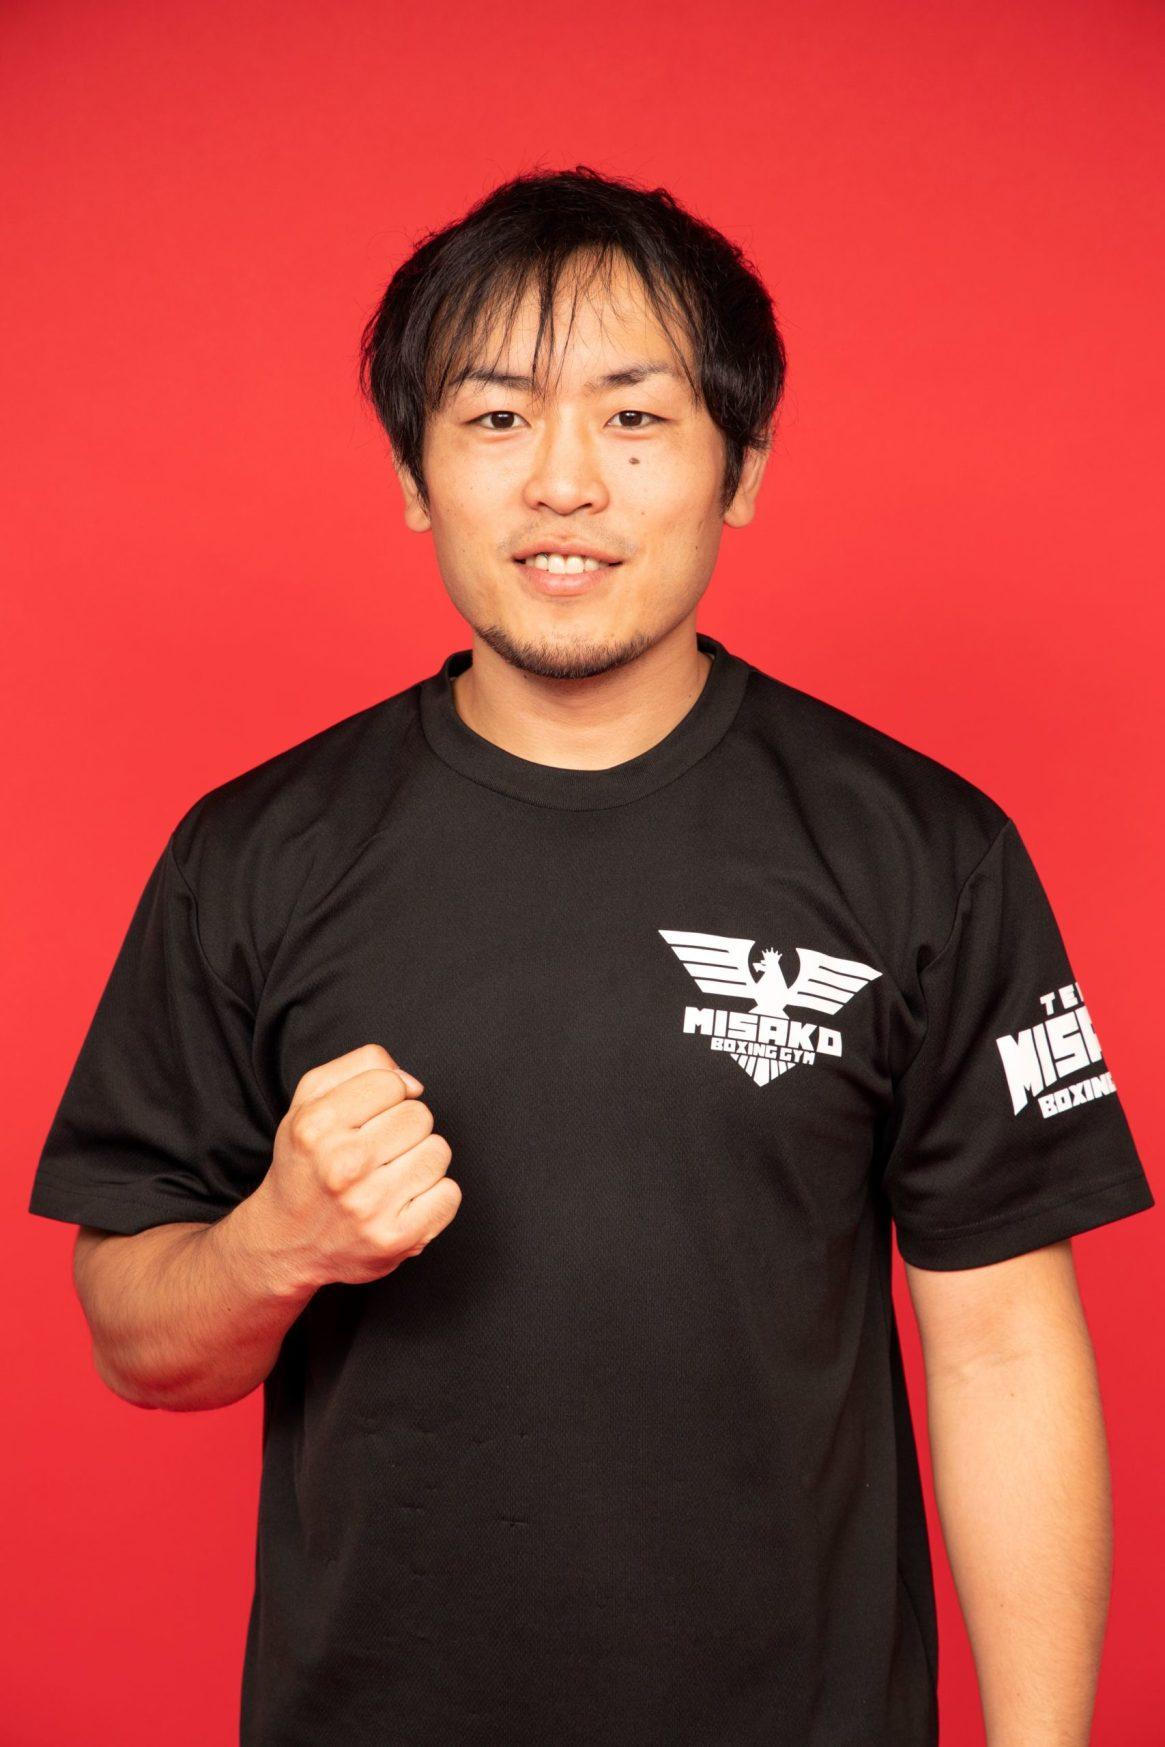 元A級プロボクサー第43代OPBF東洋太平洋バンタム級王者